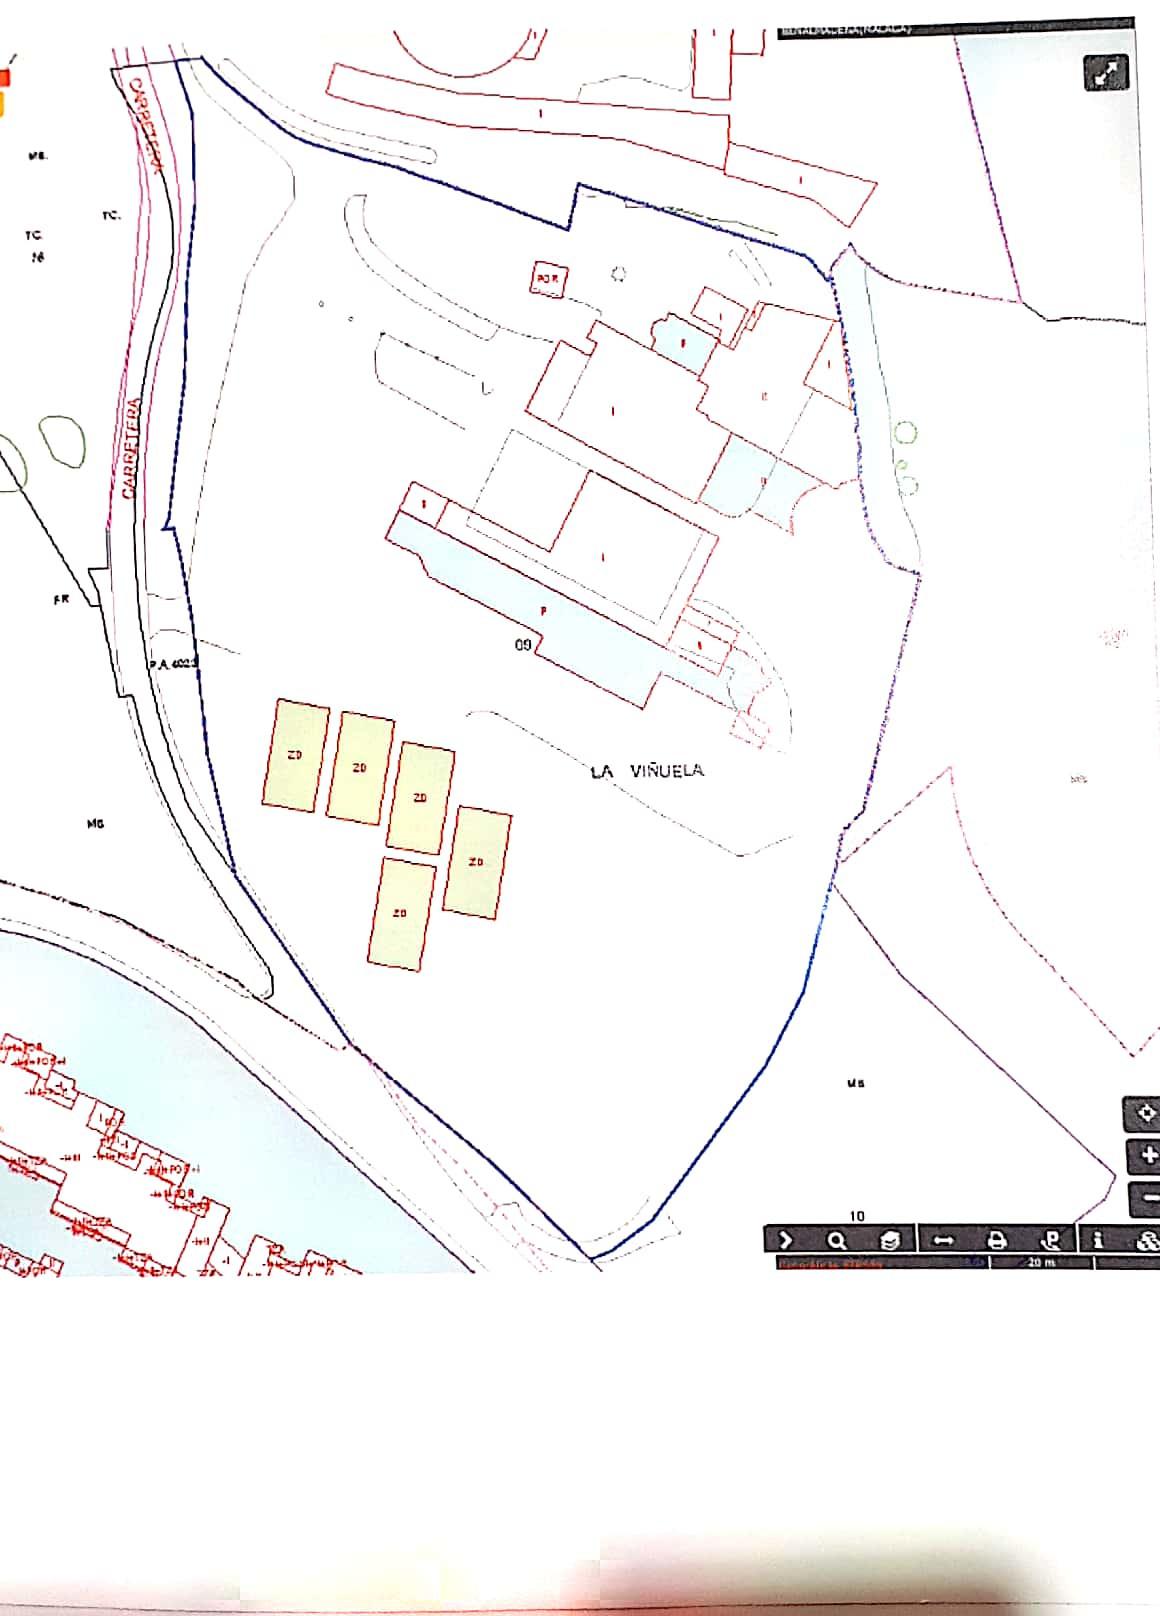 Terreno Residencial en Benalmadena, Costa del Sol